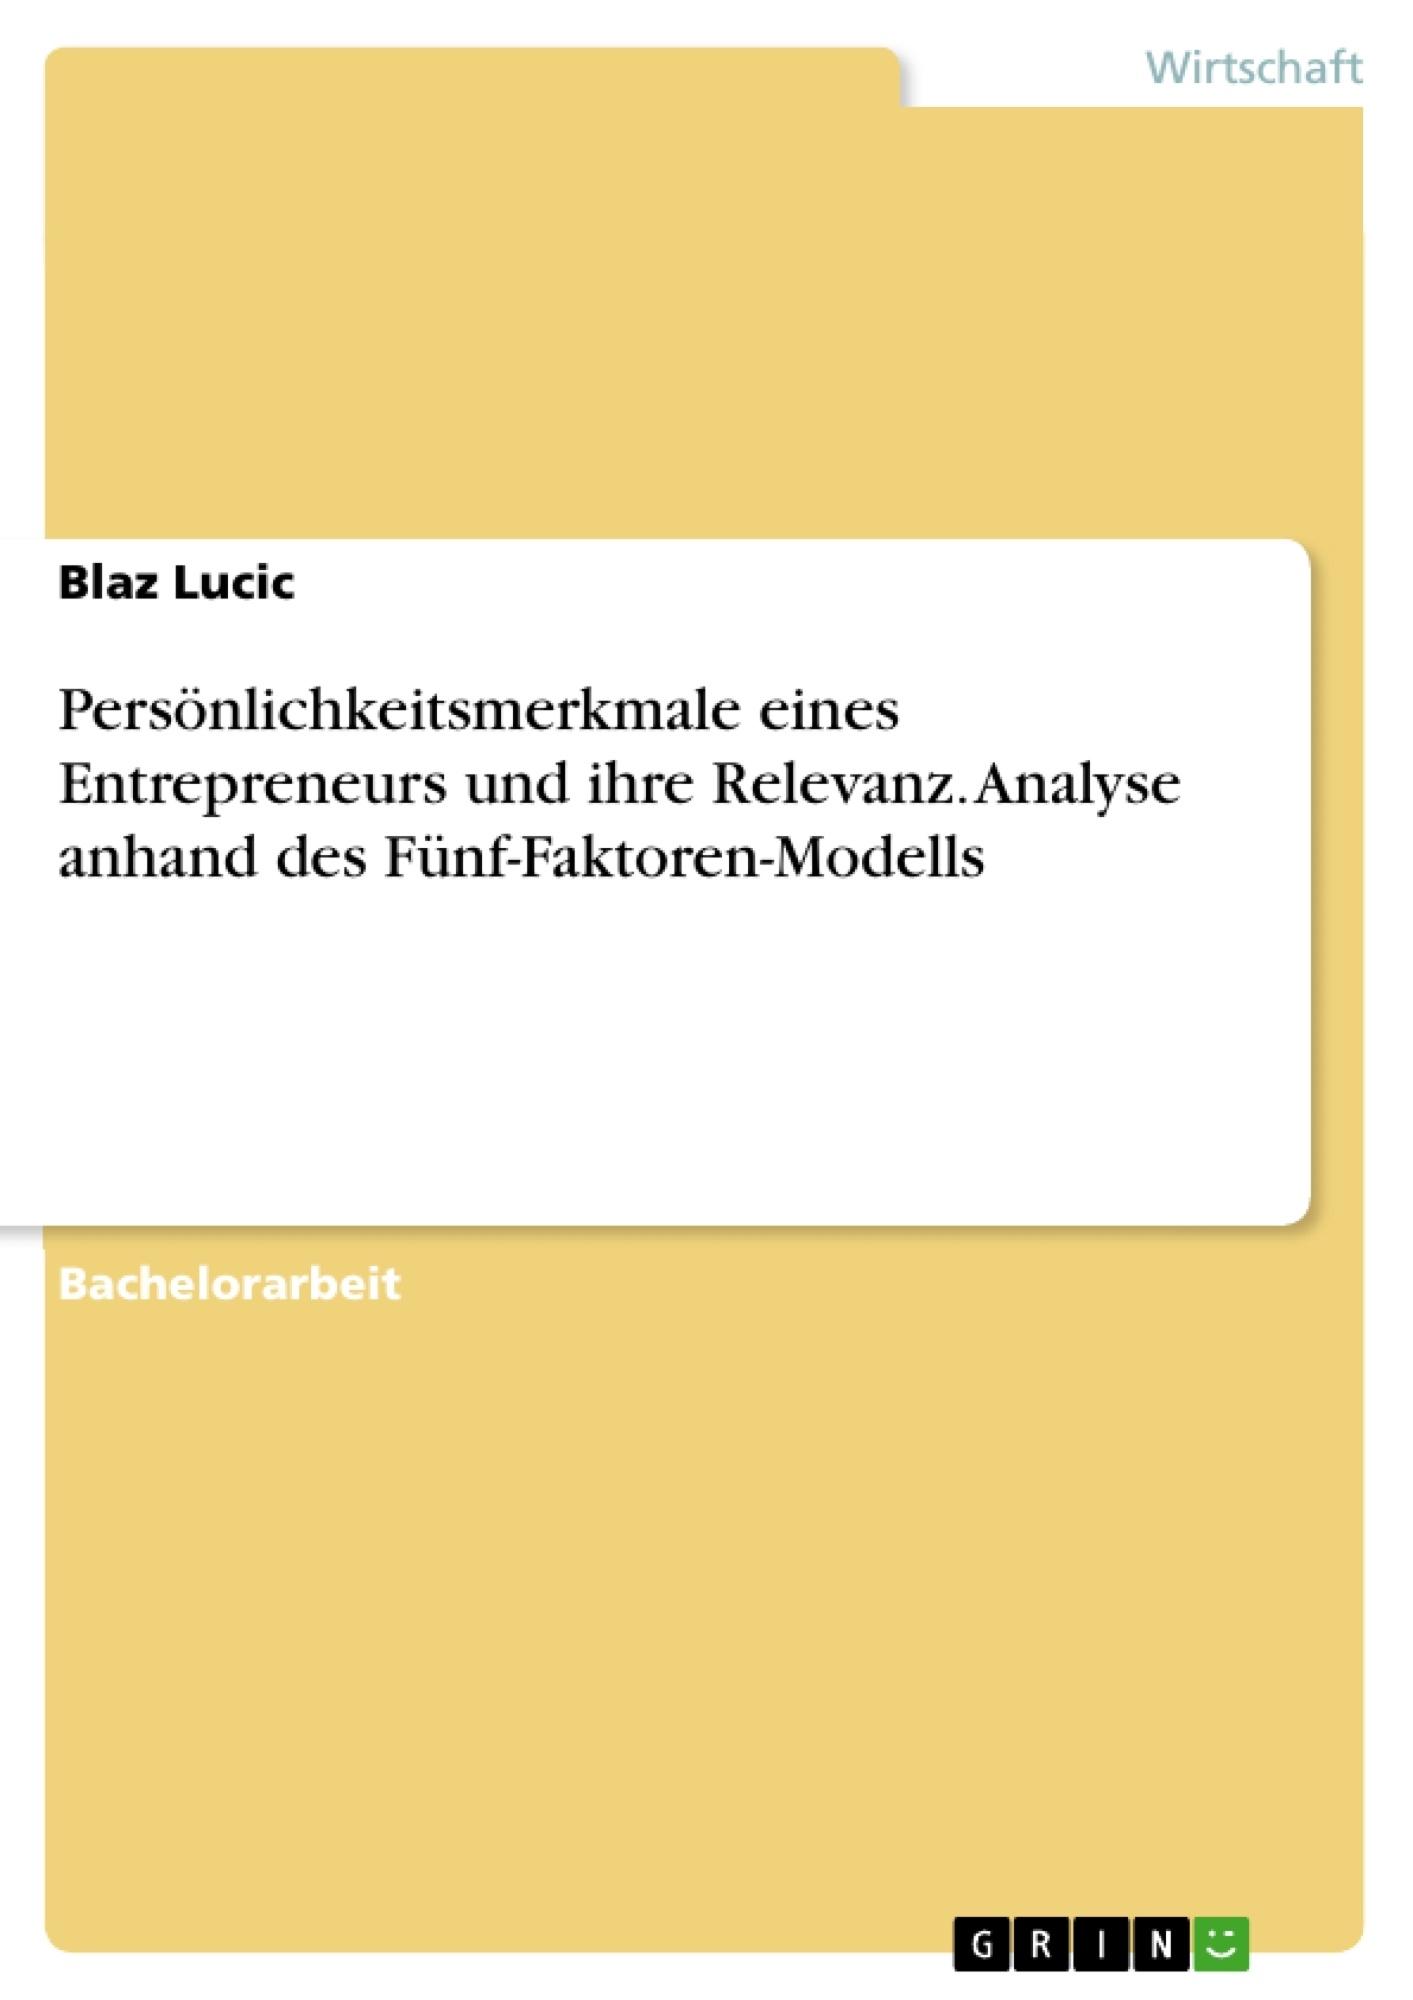 Titel: Persönlichkeitsmerkmale eines Entrepreneurs und ihre Relevanz. Analyse anhand des Fünf-Faktoren-Modells